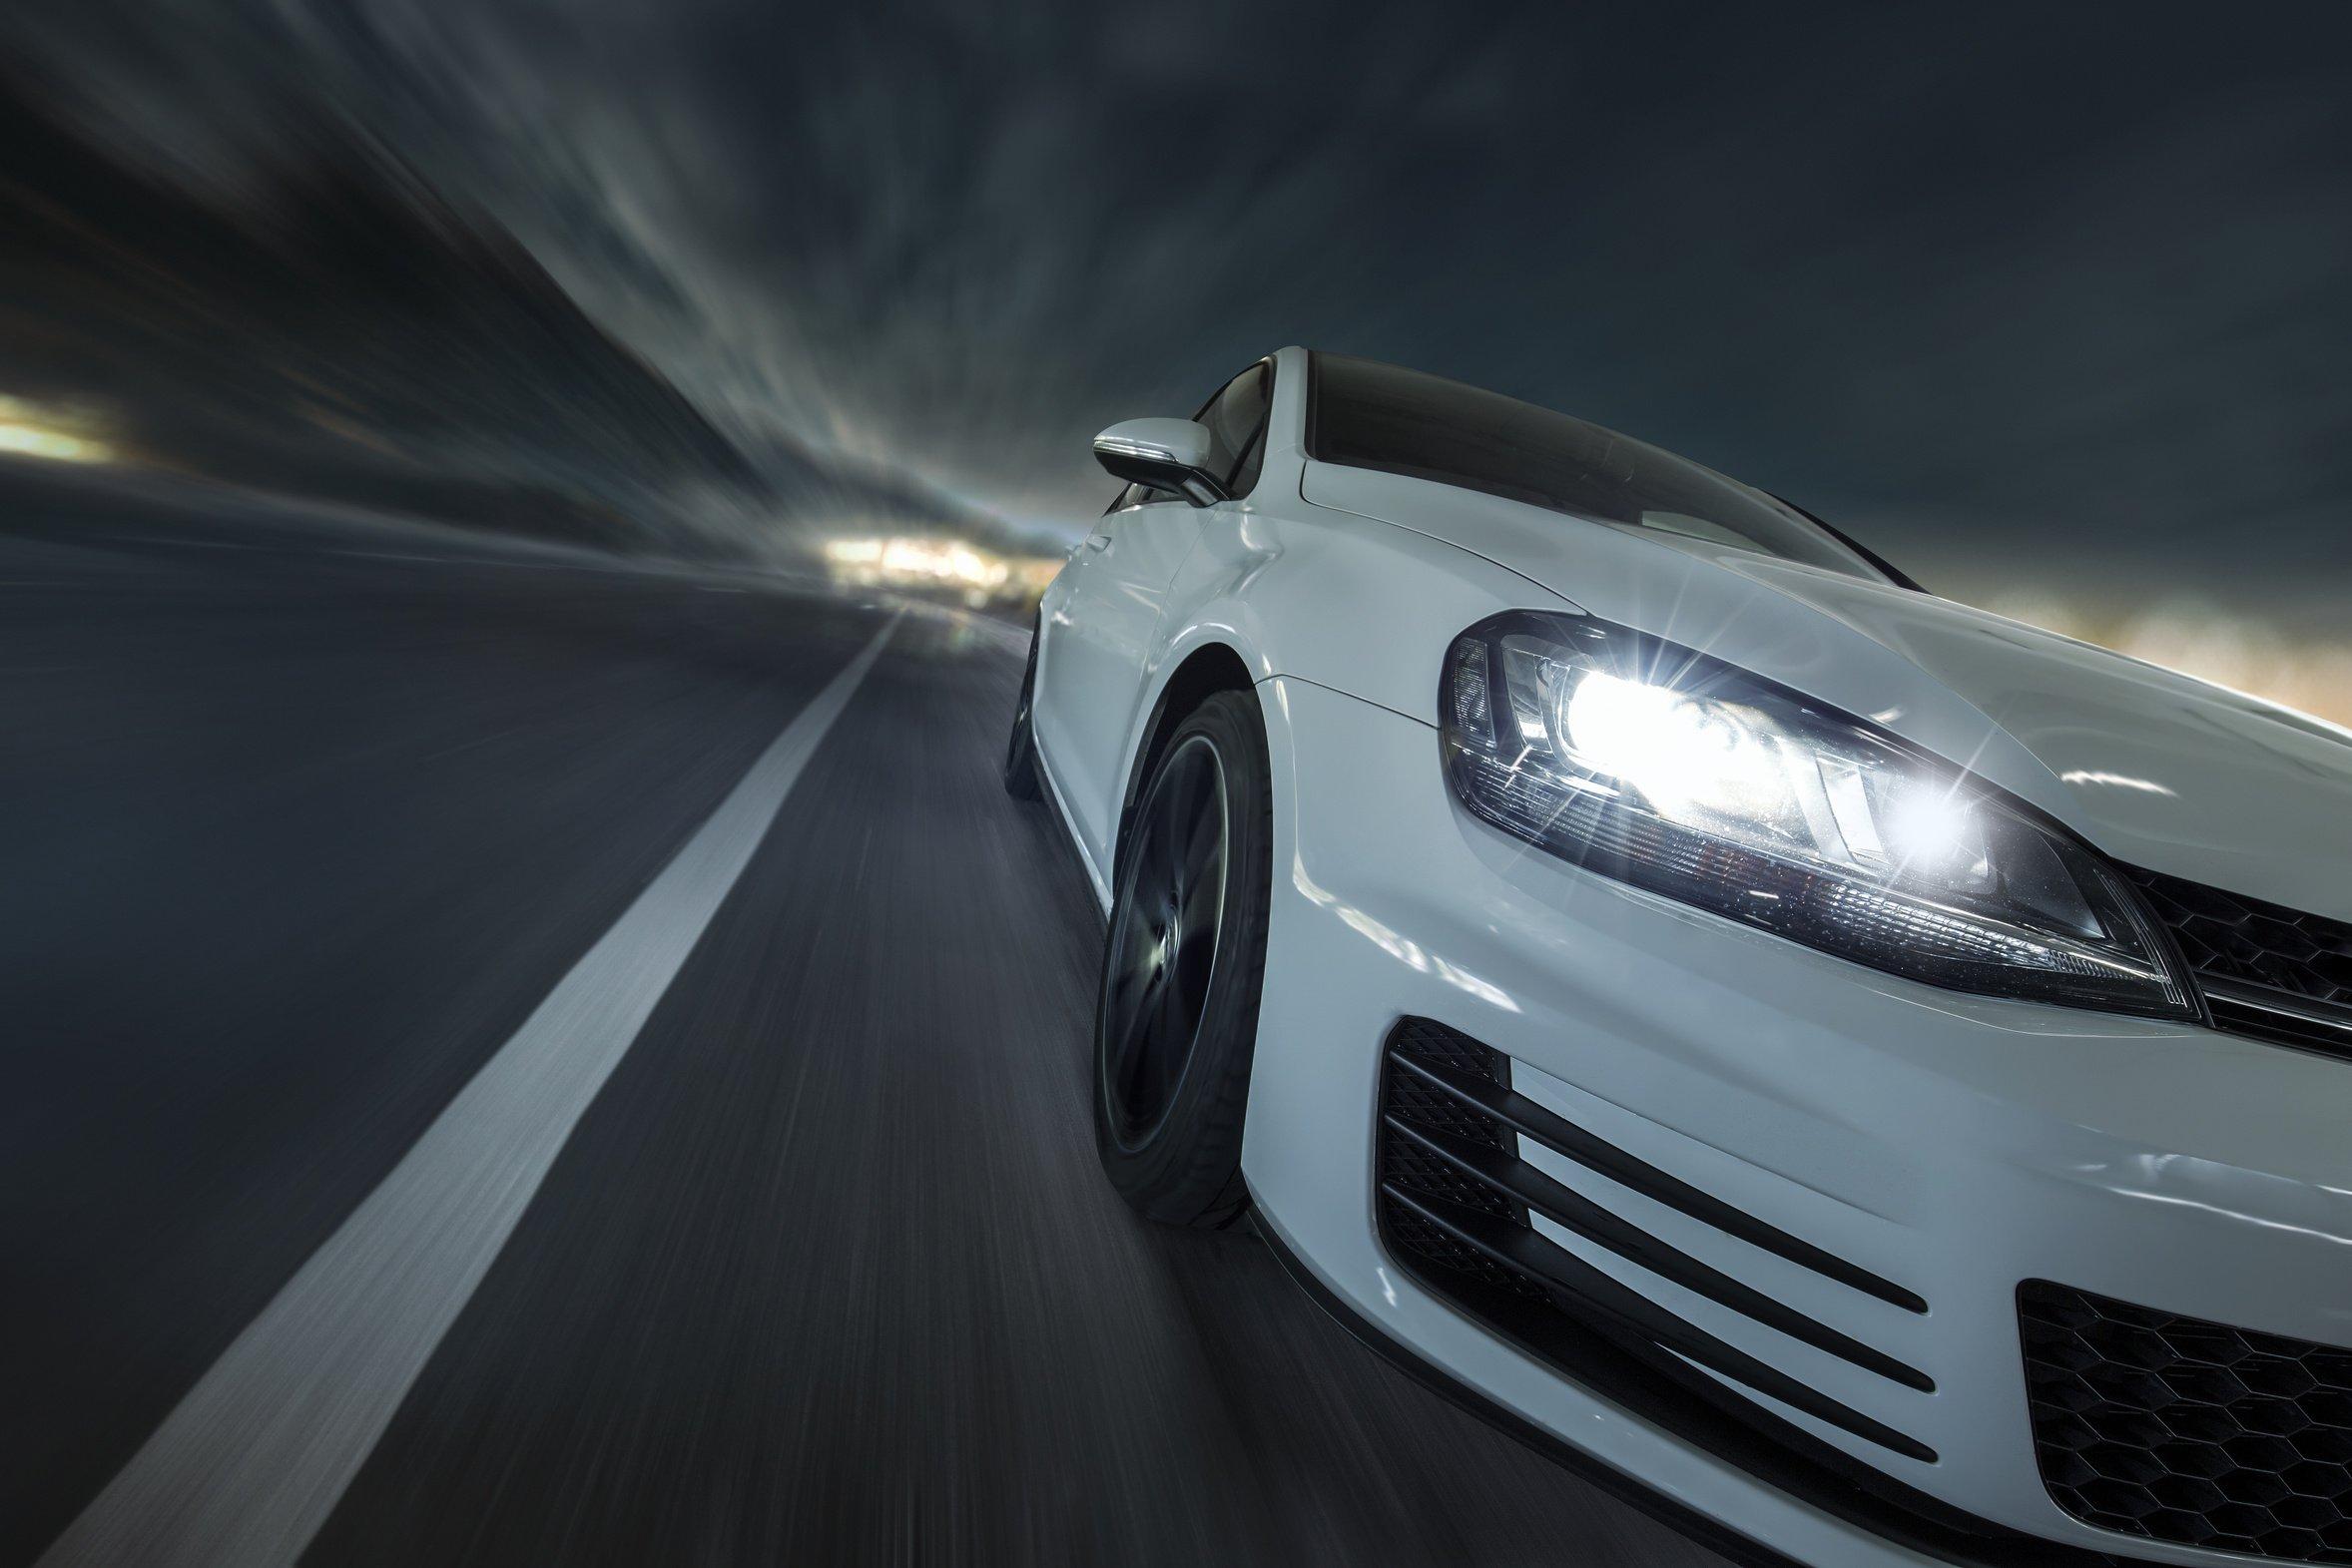 Golf GTI während der Fahrt